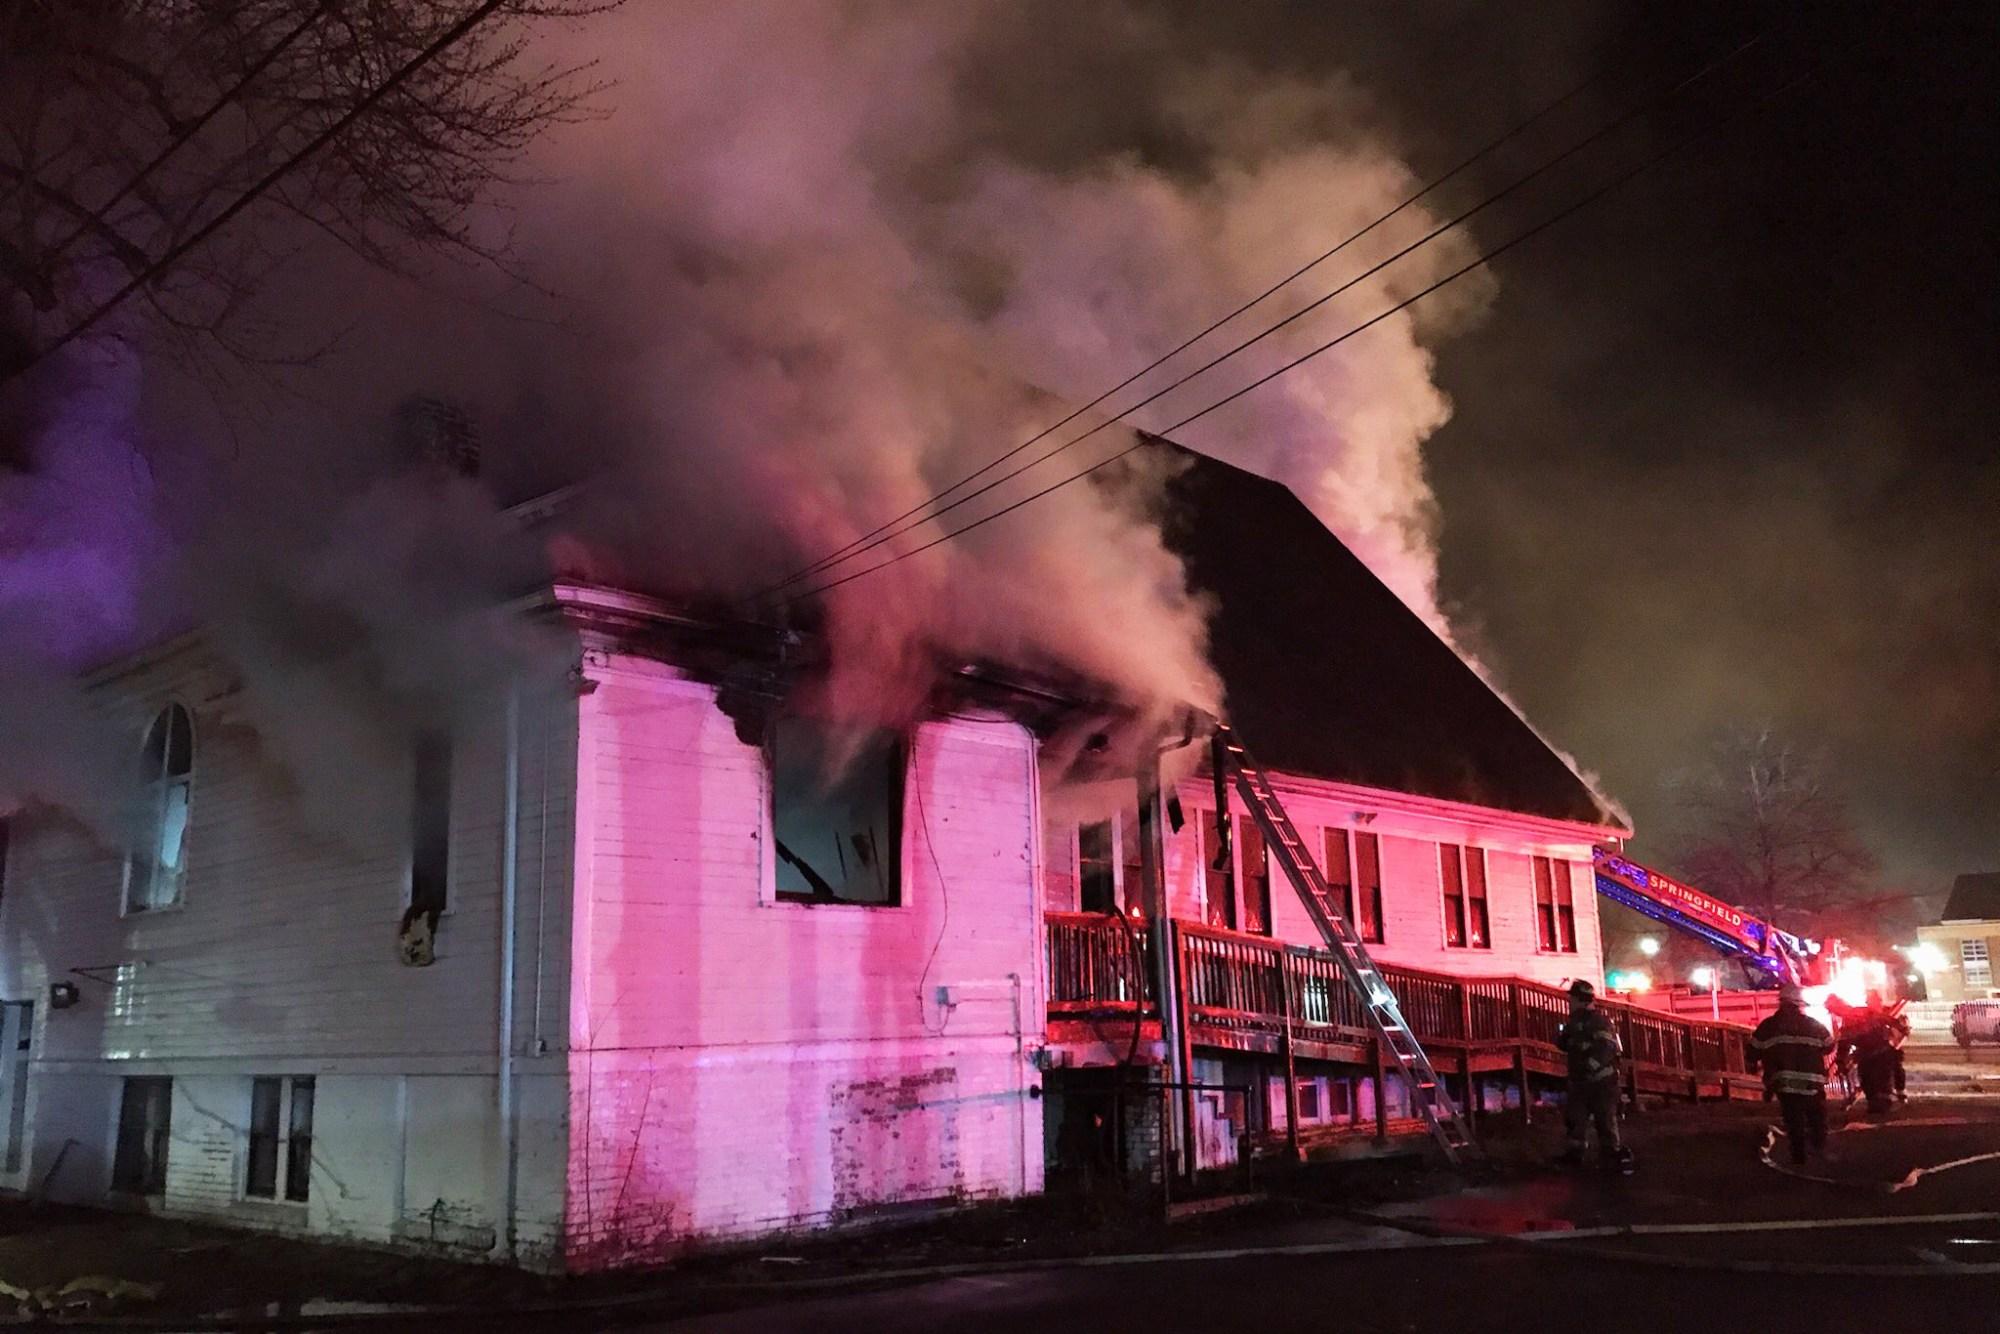 201228-church-fire-massachusetts-jm-1348_e093c3d5c5053cbd4f7d9dd484566986.fit-2000w.jpg